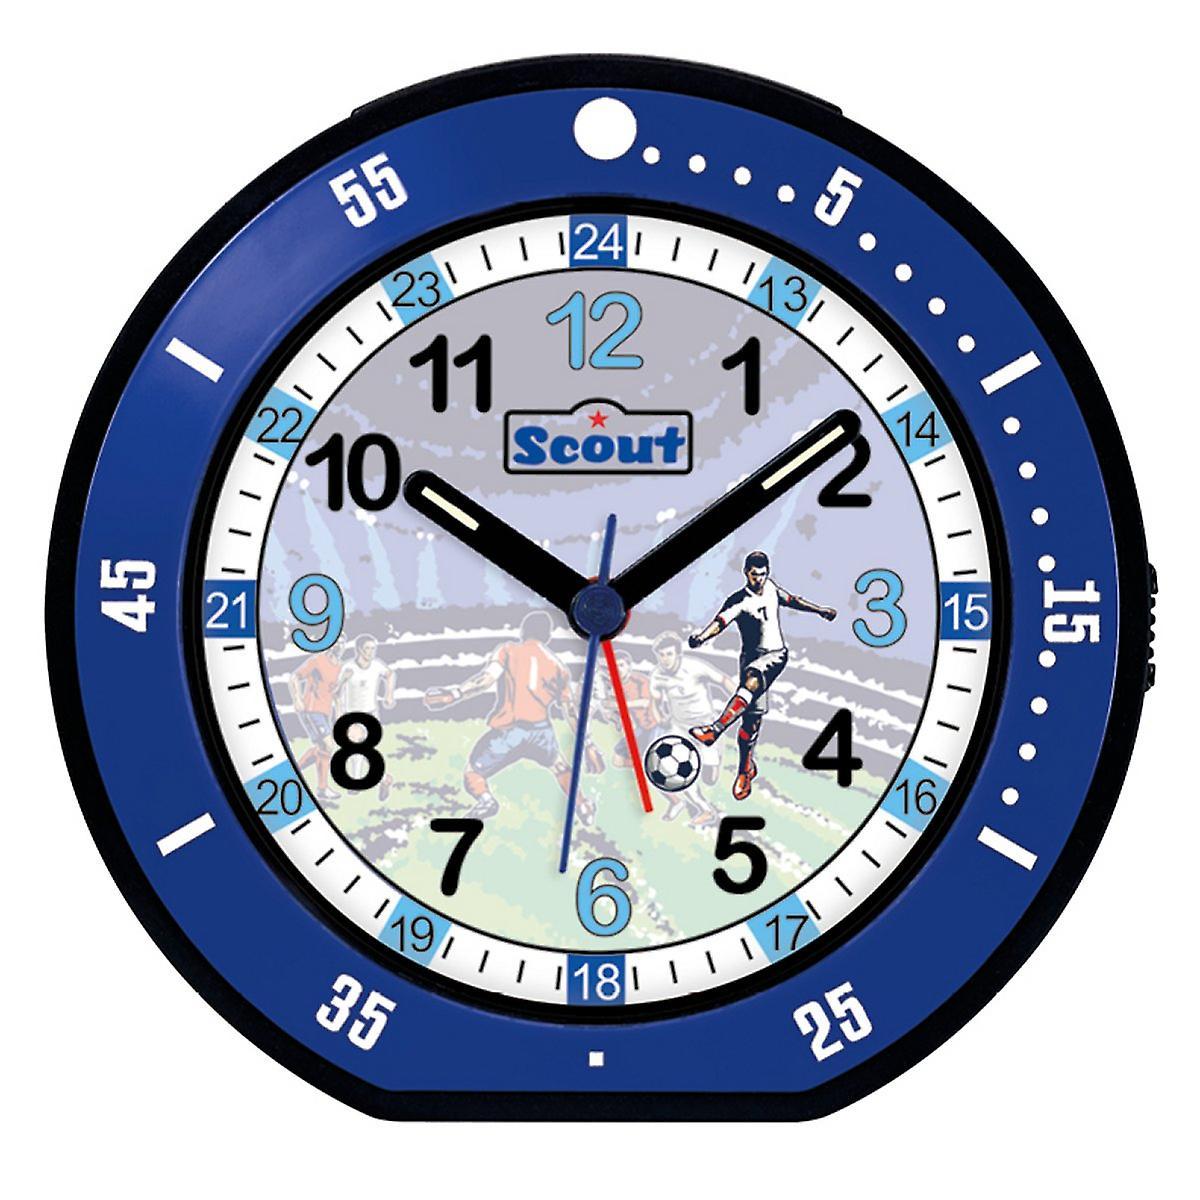 Scout Kinder Wecker Alarm Jungen Minute Fussball Blau 280001004